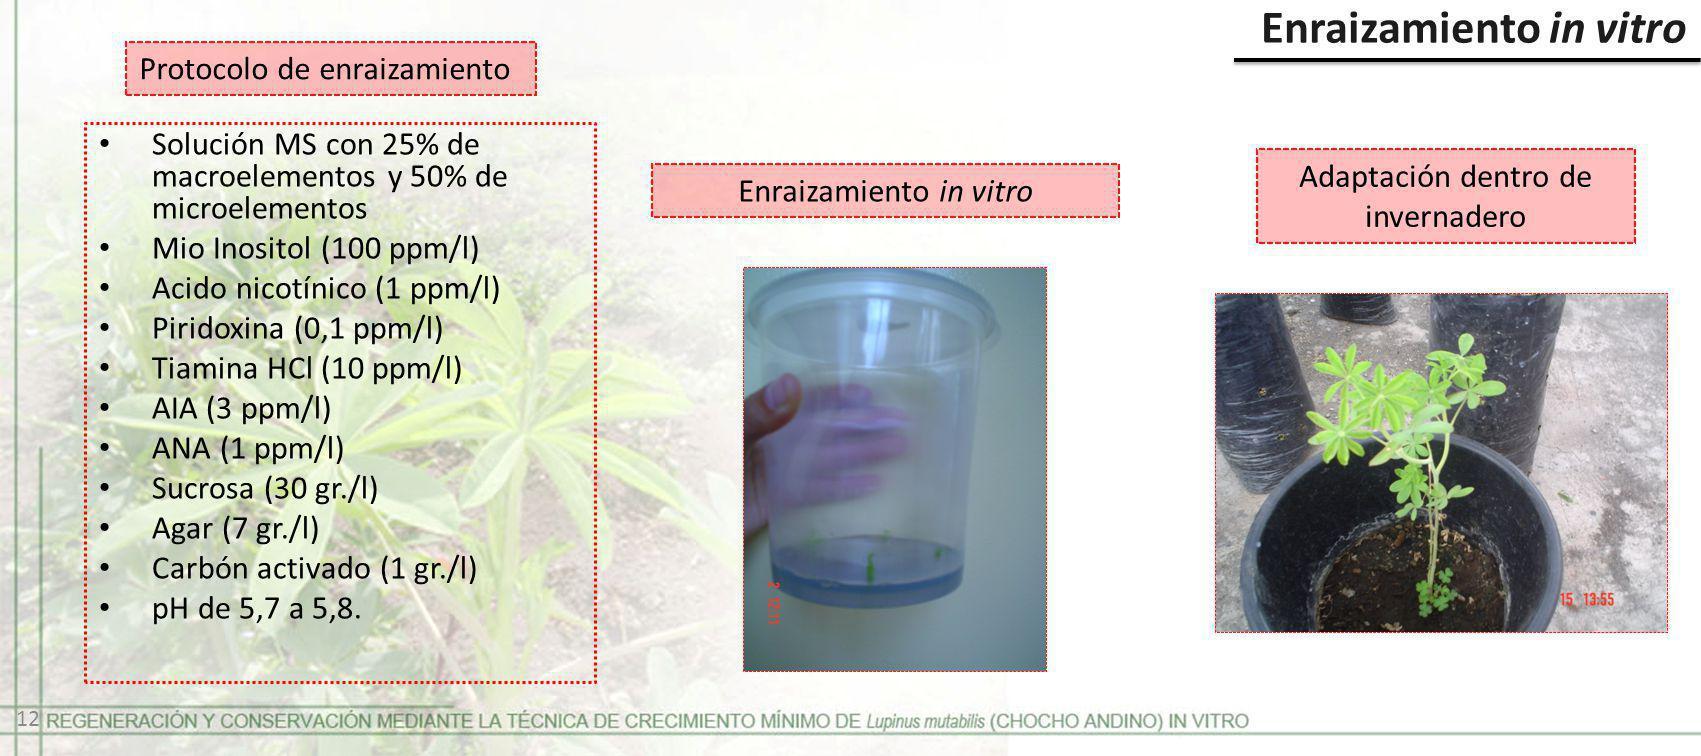 Enraizamiento in vitro